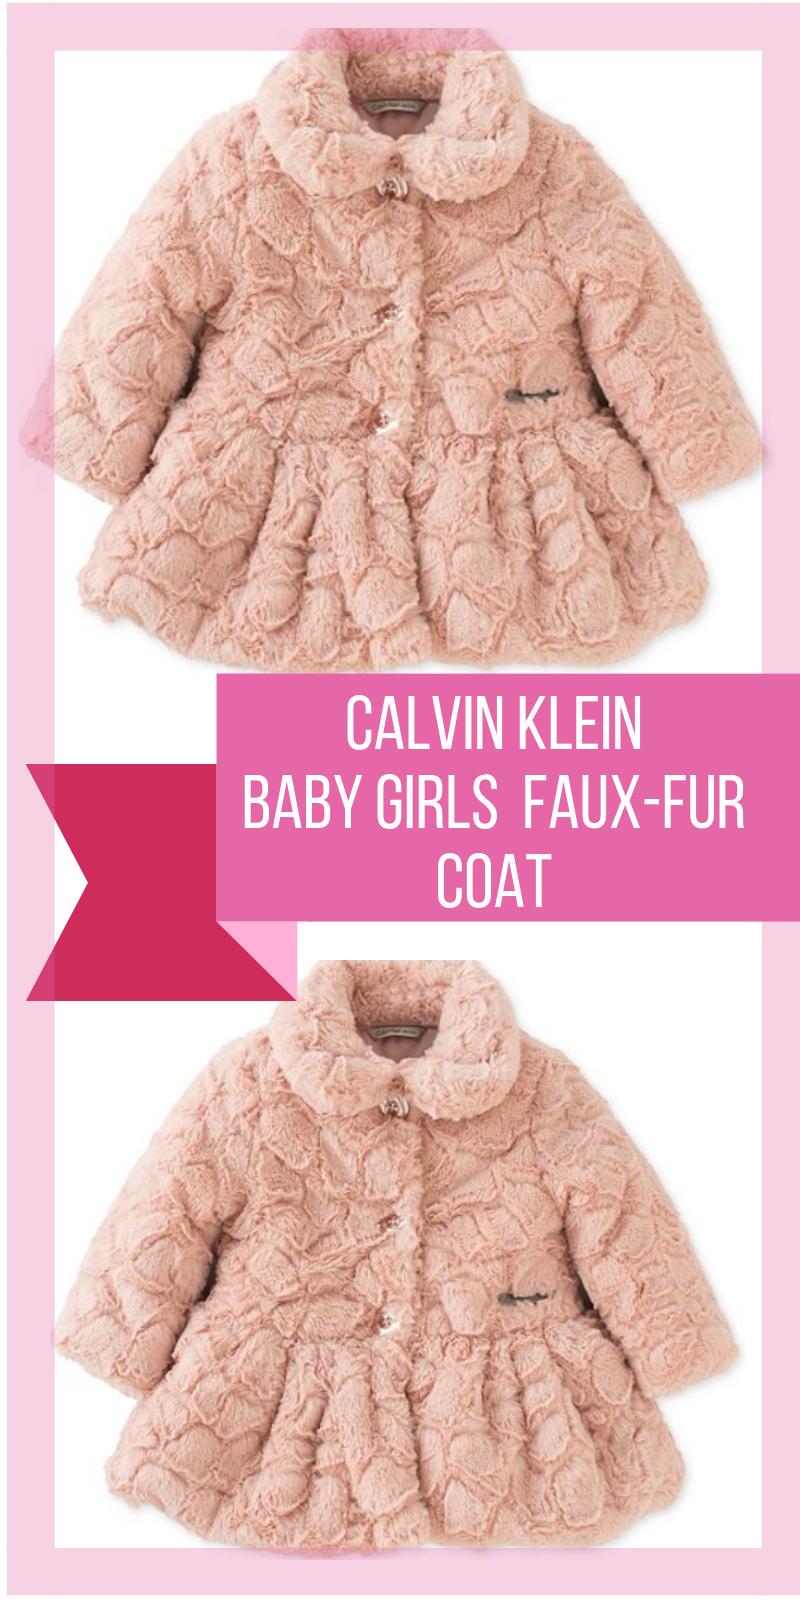 c30ef32f1 Baby Girls Crackled Faux-Fur Coat